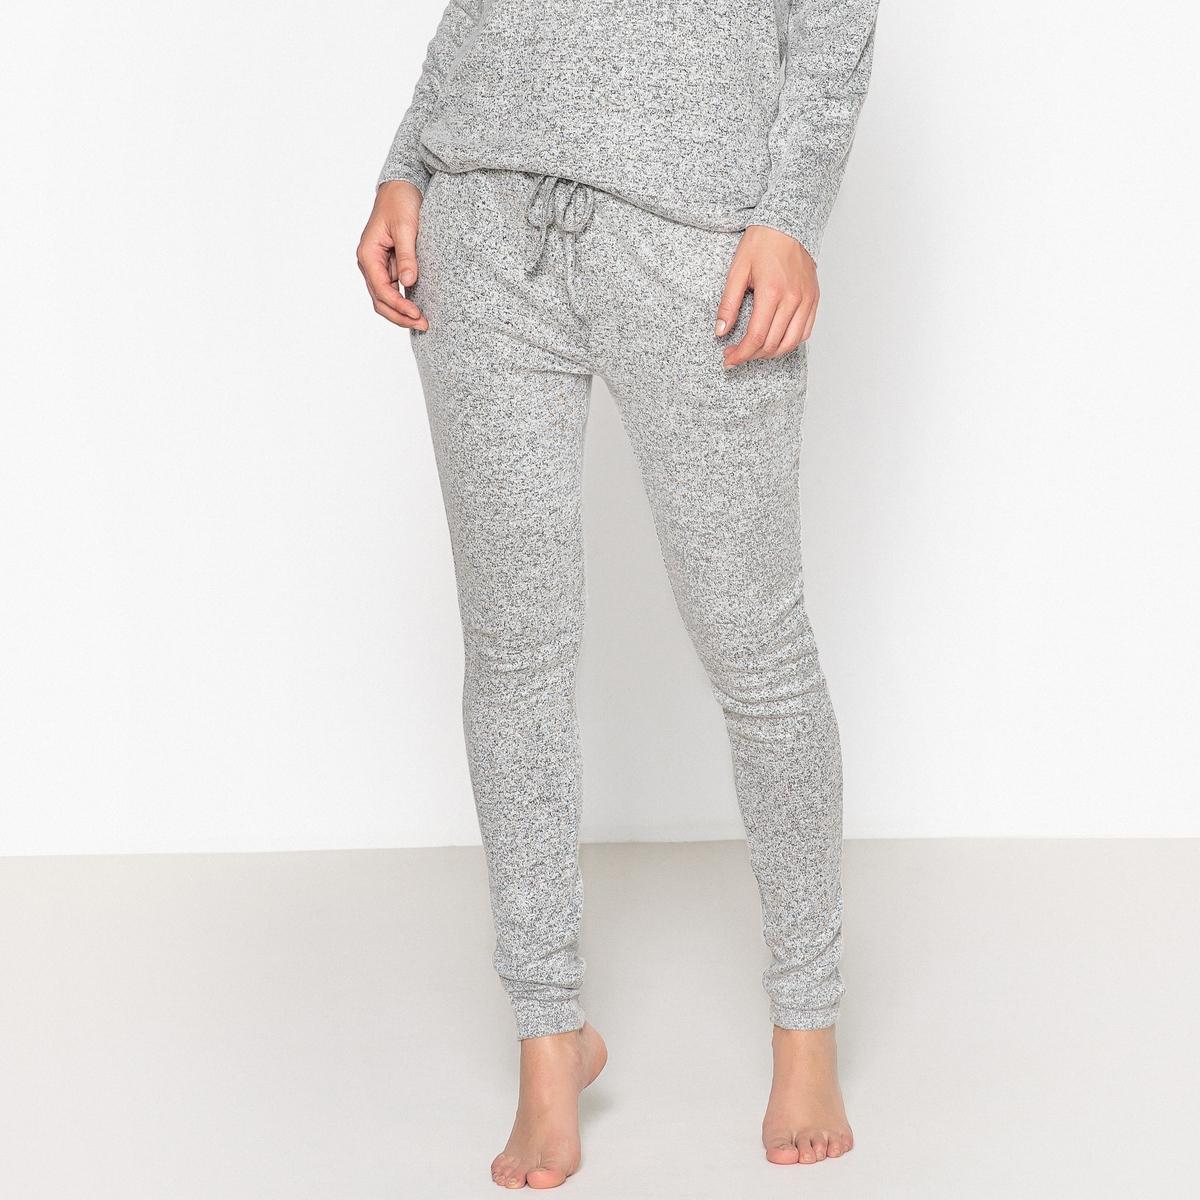 Брюки пижамные, экстра мягкие пижамные комплекты